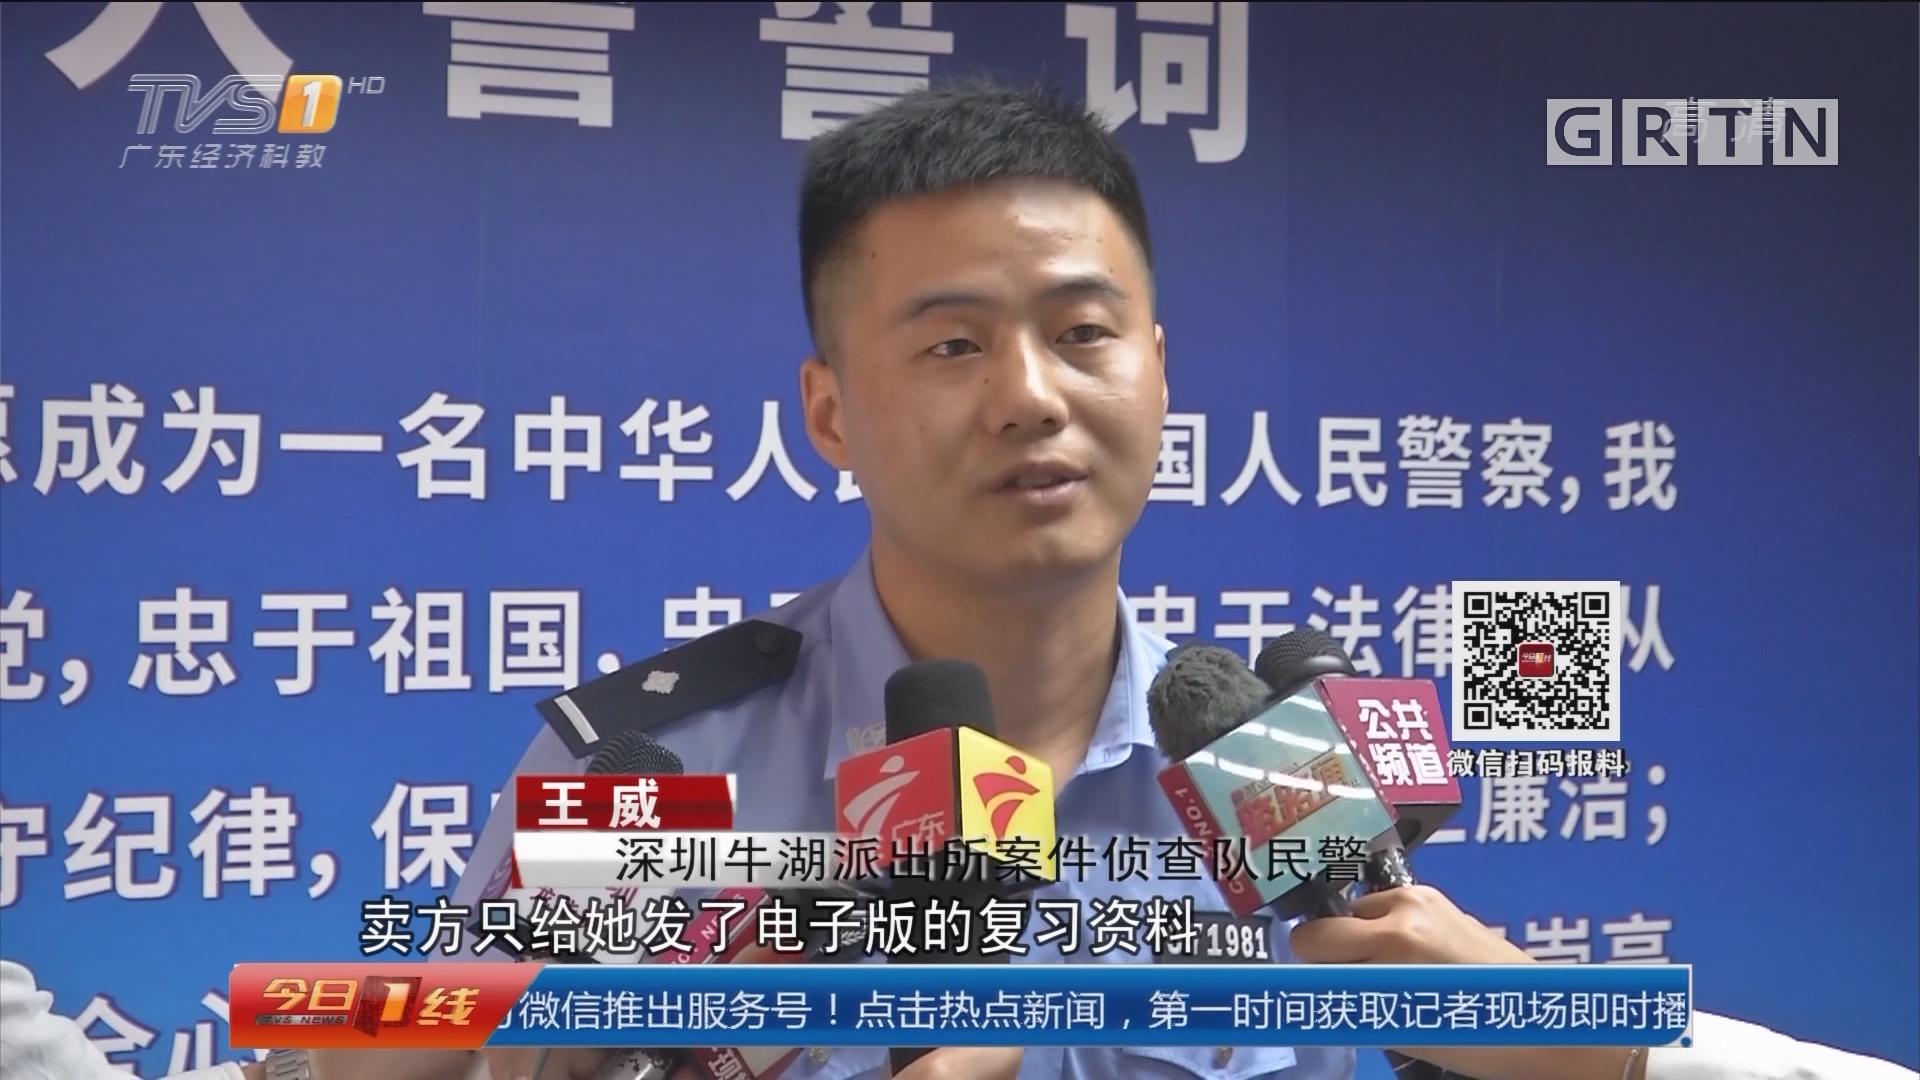 """深圳:轻信""""师姐"""" 网购考研资料被骗"""